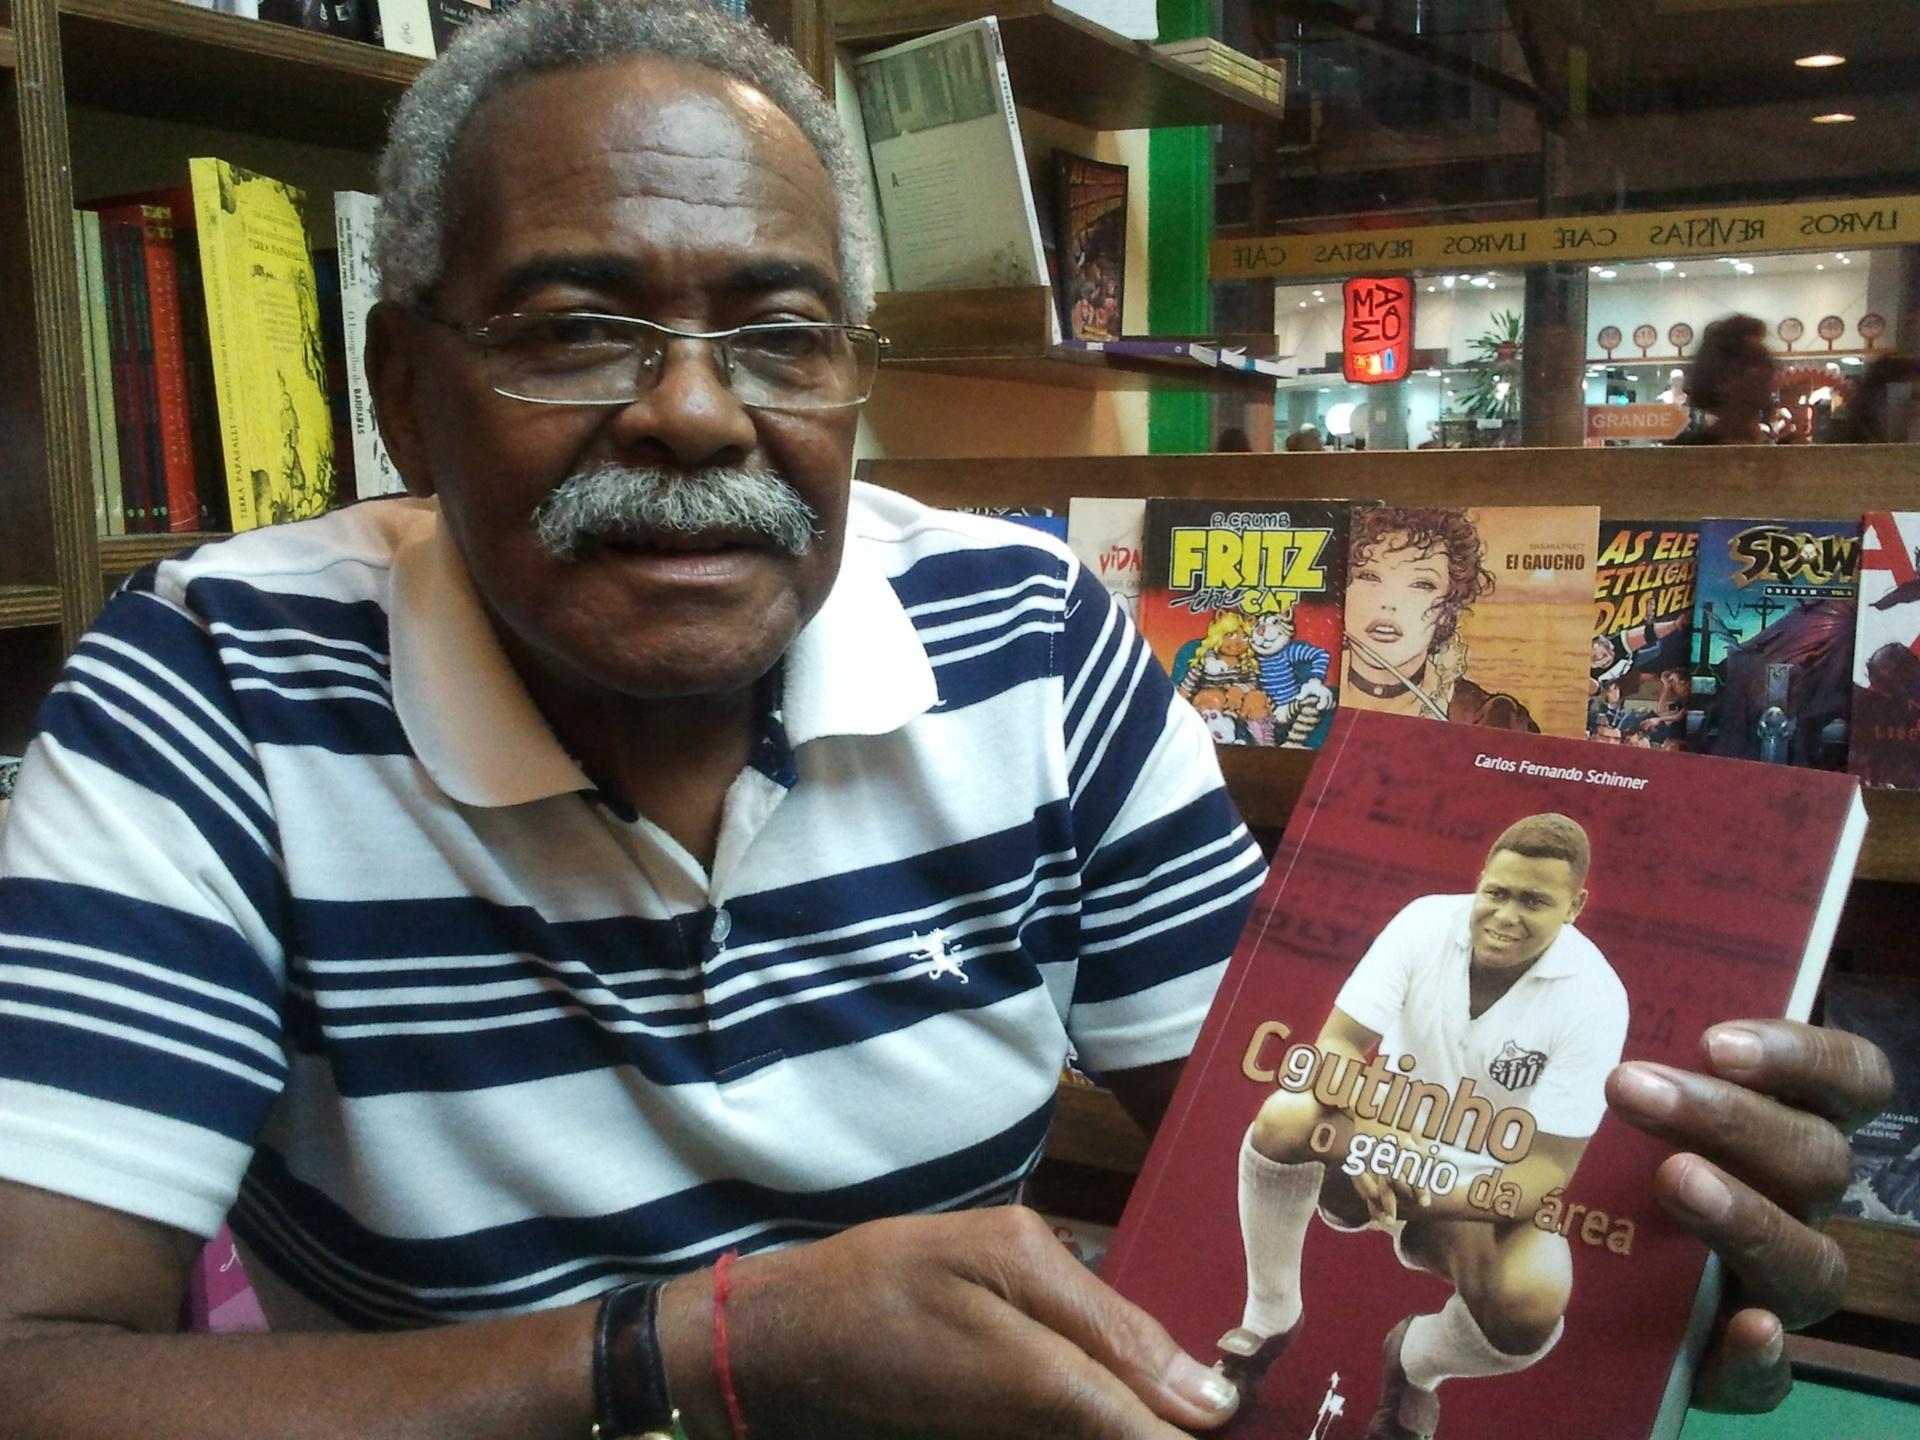 Ex-jogador do Santos, Coutinho lançou sua biografia no Memorial das Conquistas